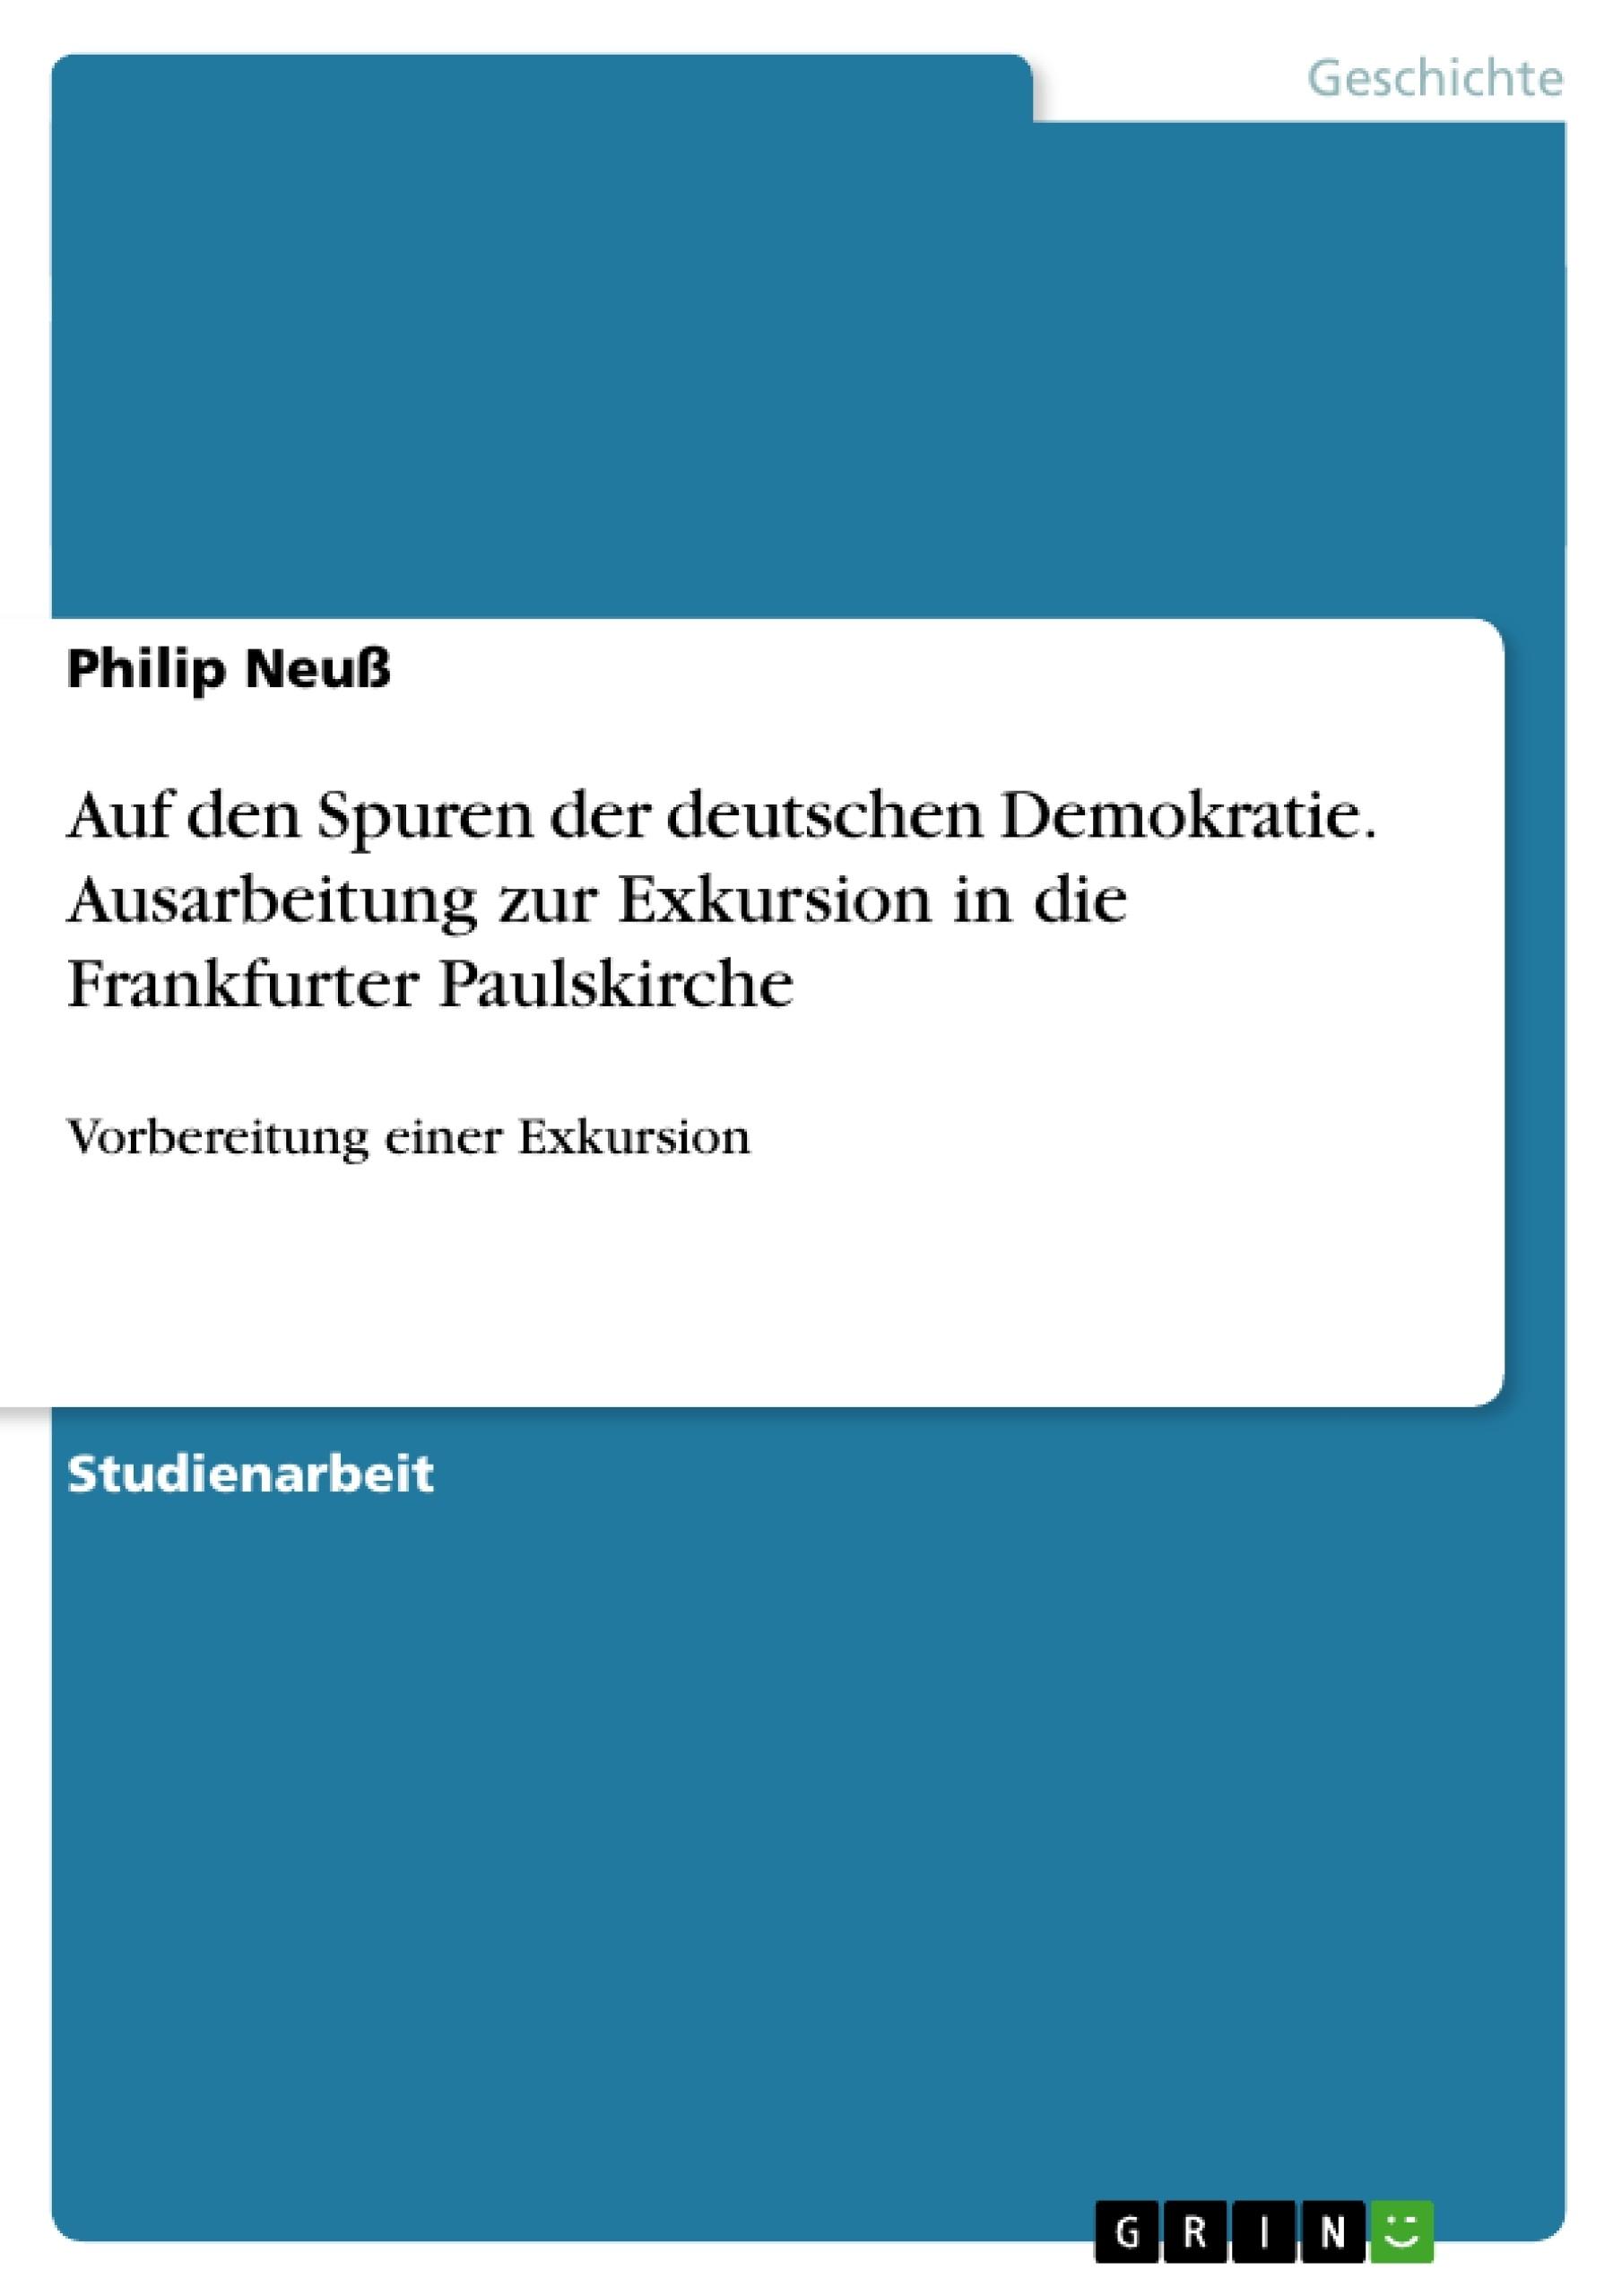 Titel: Auf den Spuren der deutschen Demokratie. Ausarbeitung zur Exkursion in die Frankfurter Paulskirche